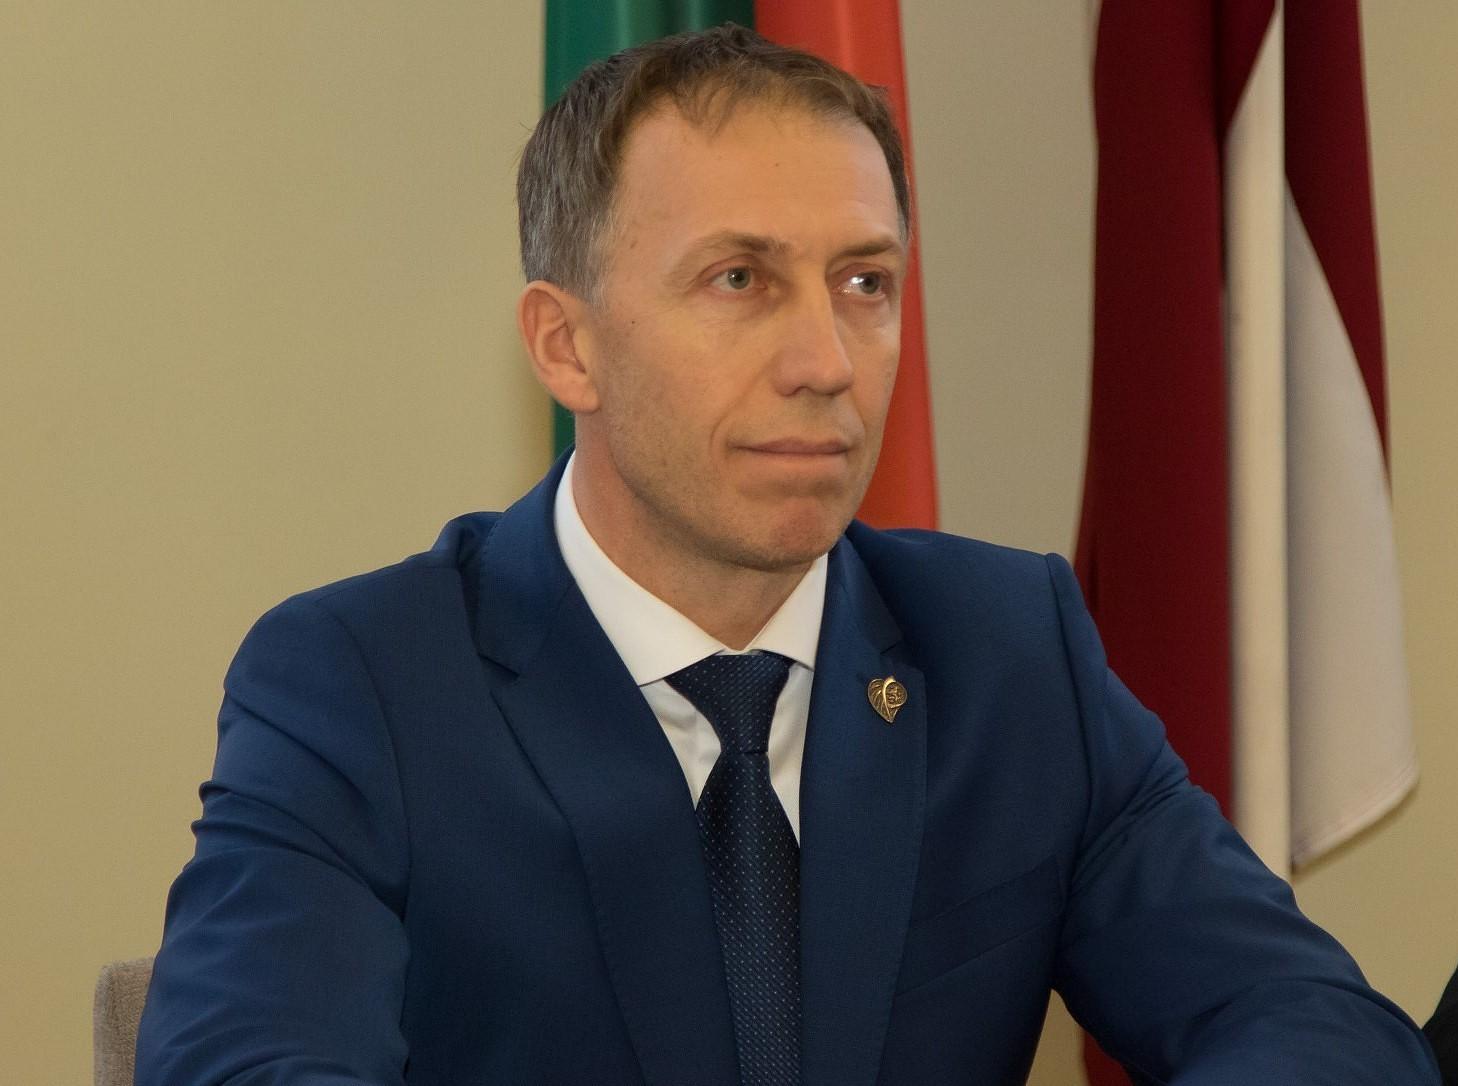 Liepājas mērs piesardzīgi vērtē sadarbības iespējas ar jauno valdību